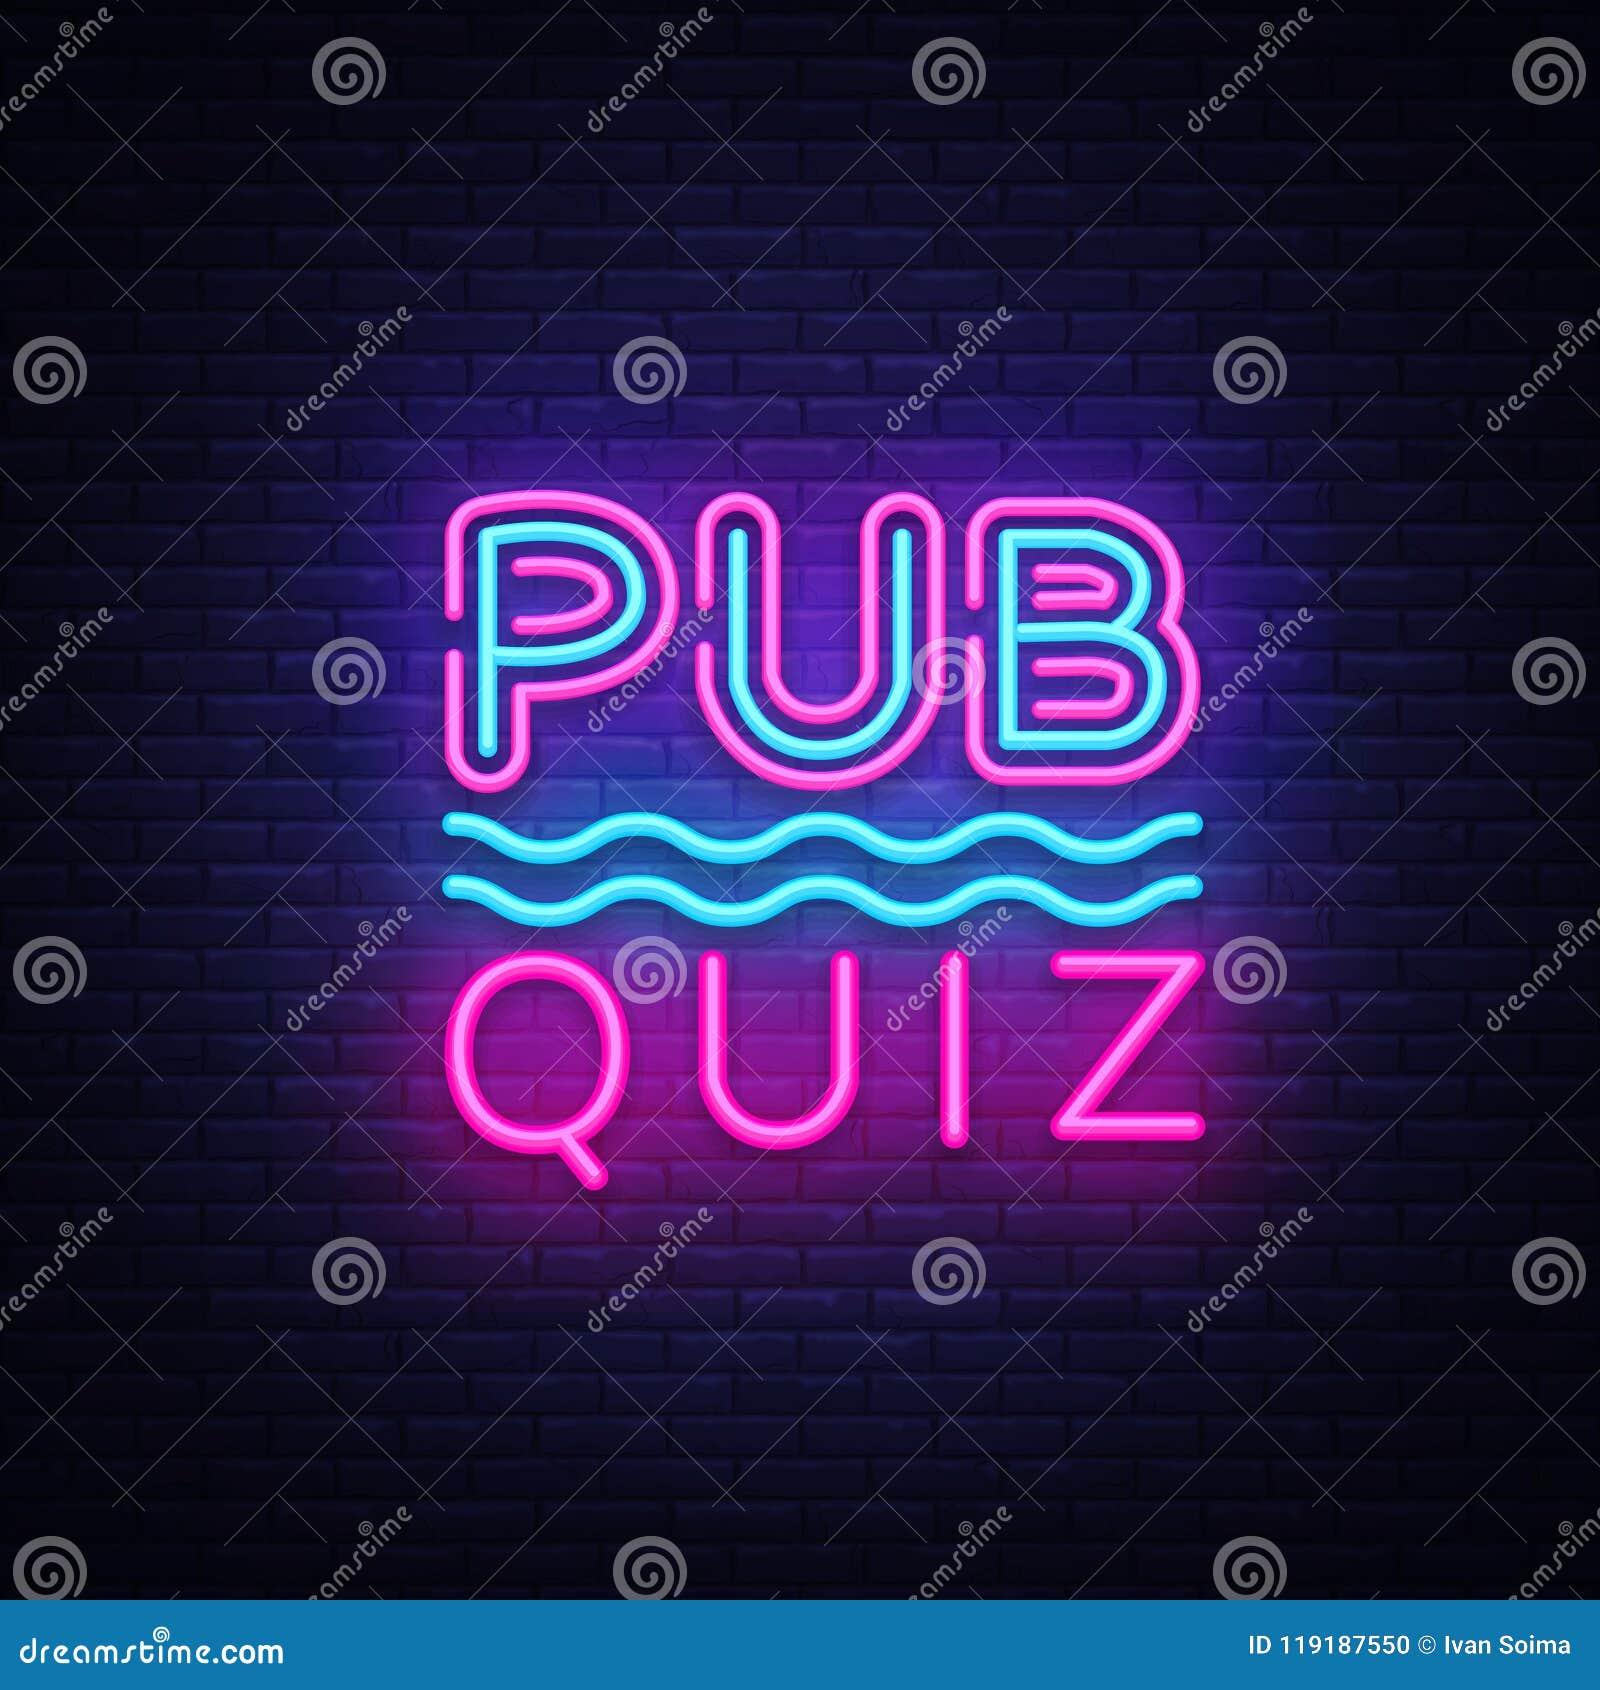 Pub Quiz Night Announcement Poster Vector Design Template. Quiz ...